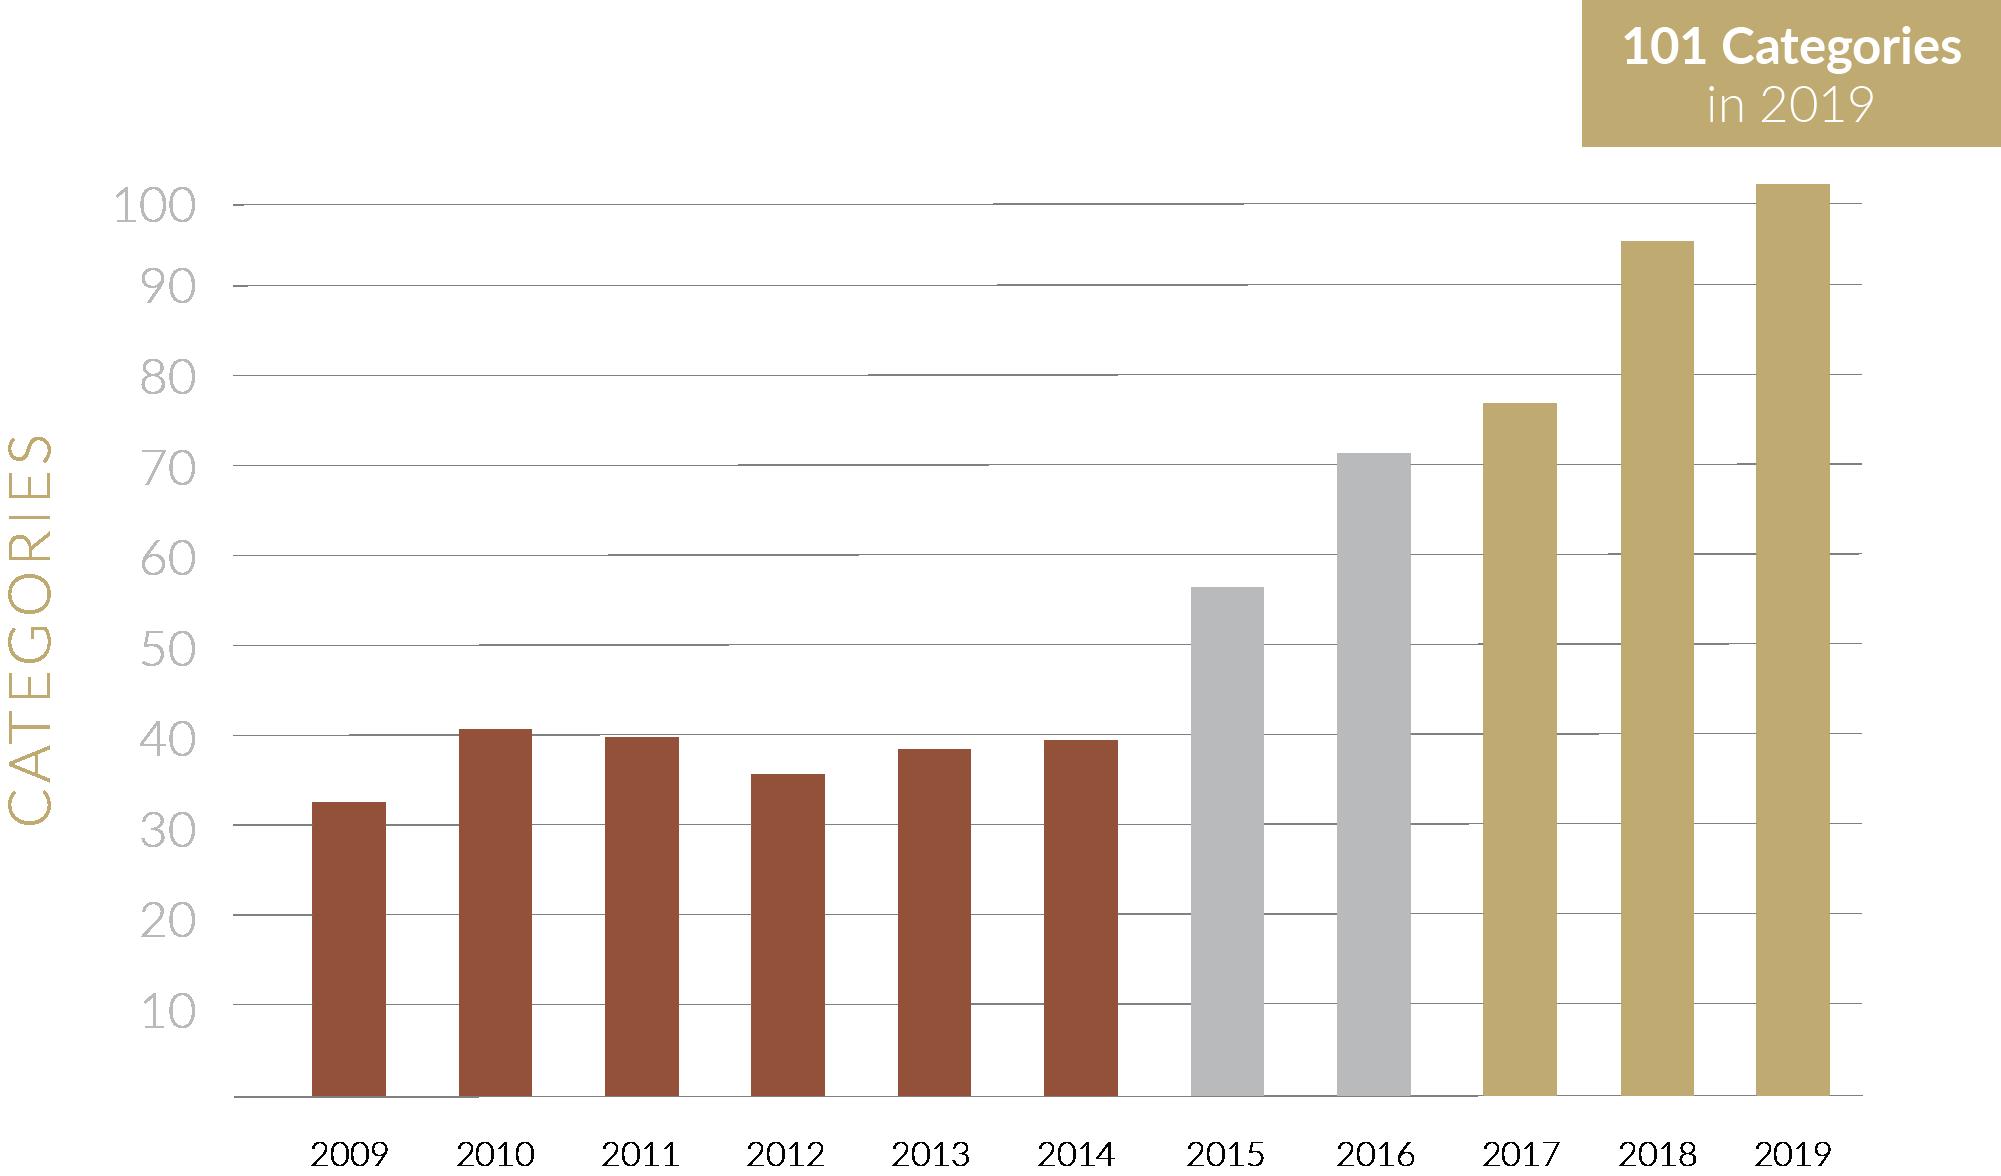 Asset 11totalcategories2